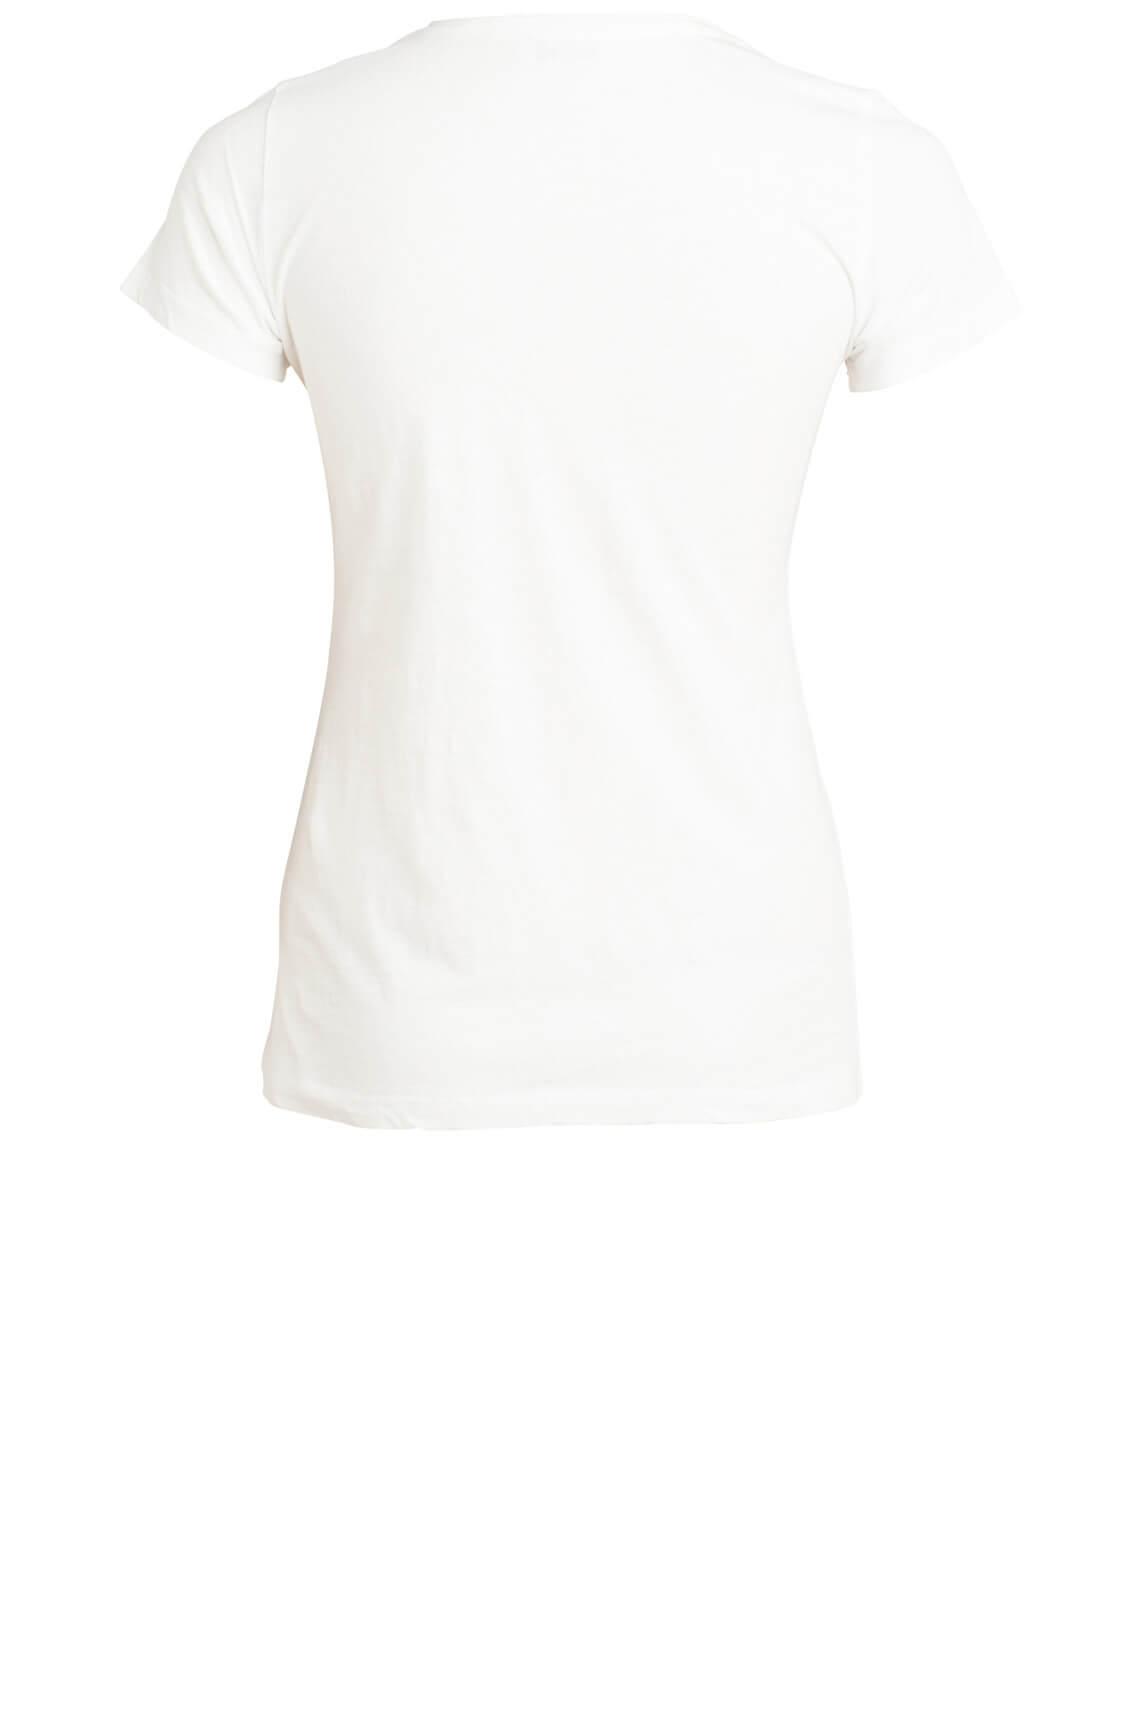 Mos Mosh Dames Jennertee shirt wit